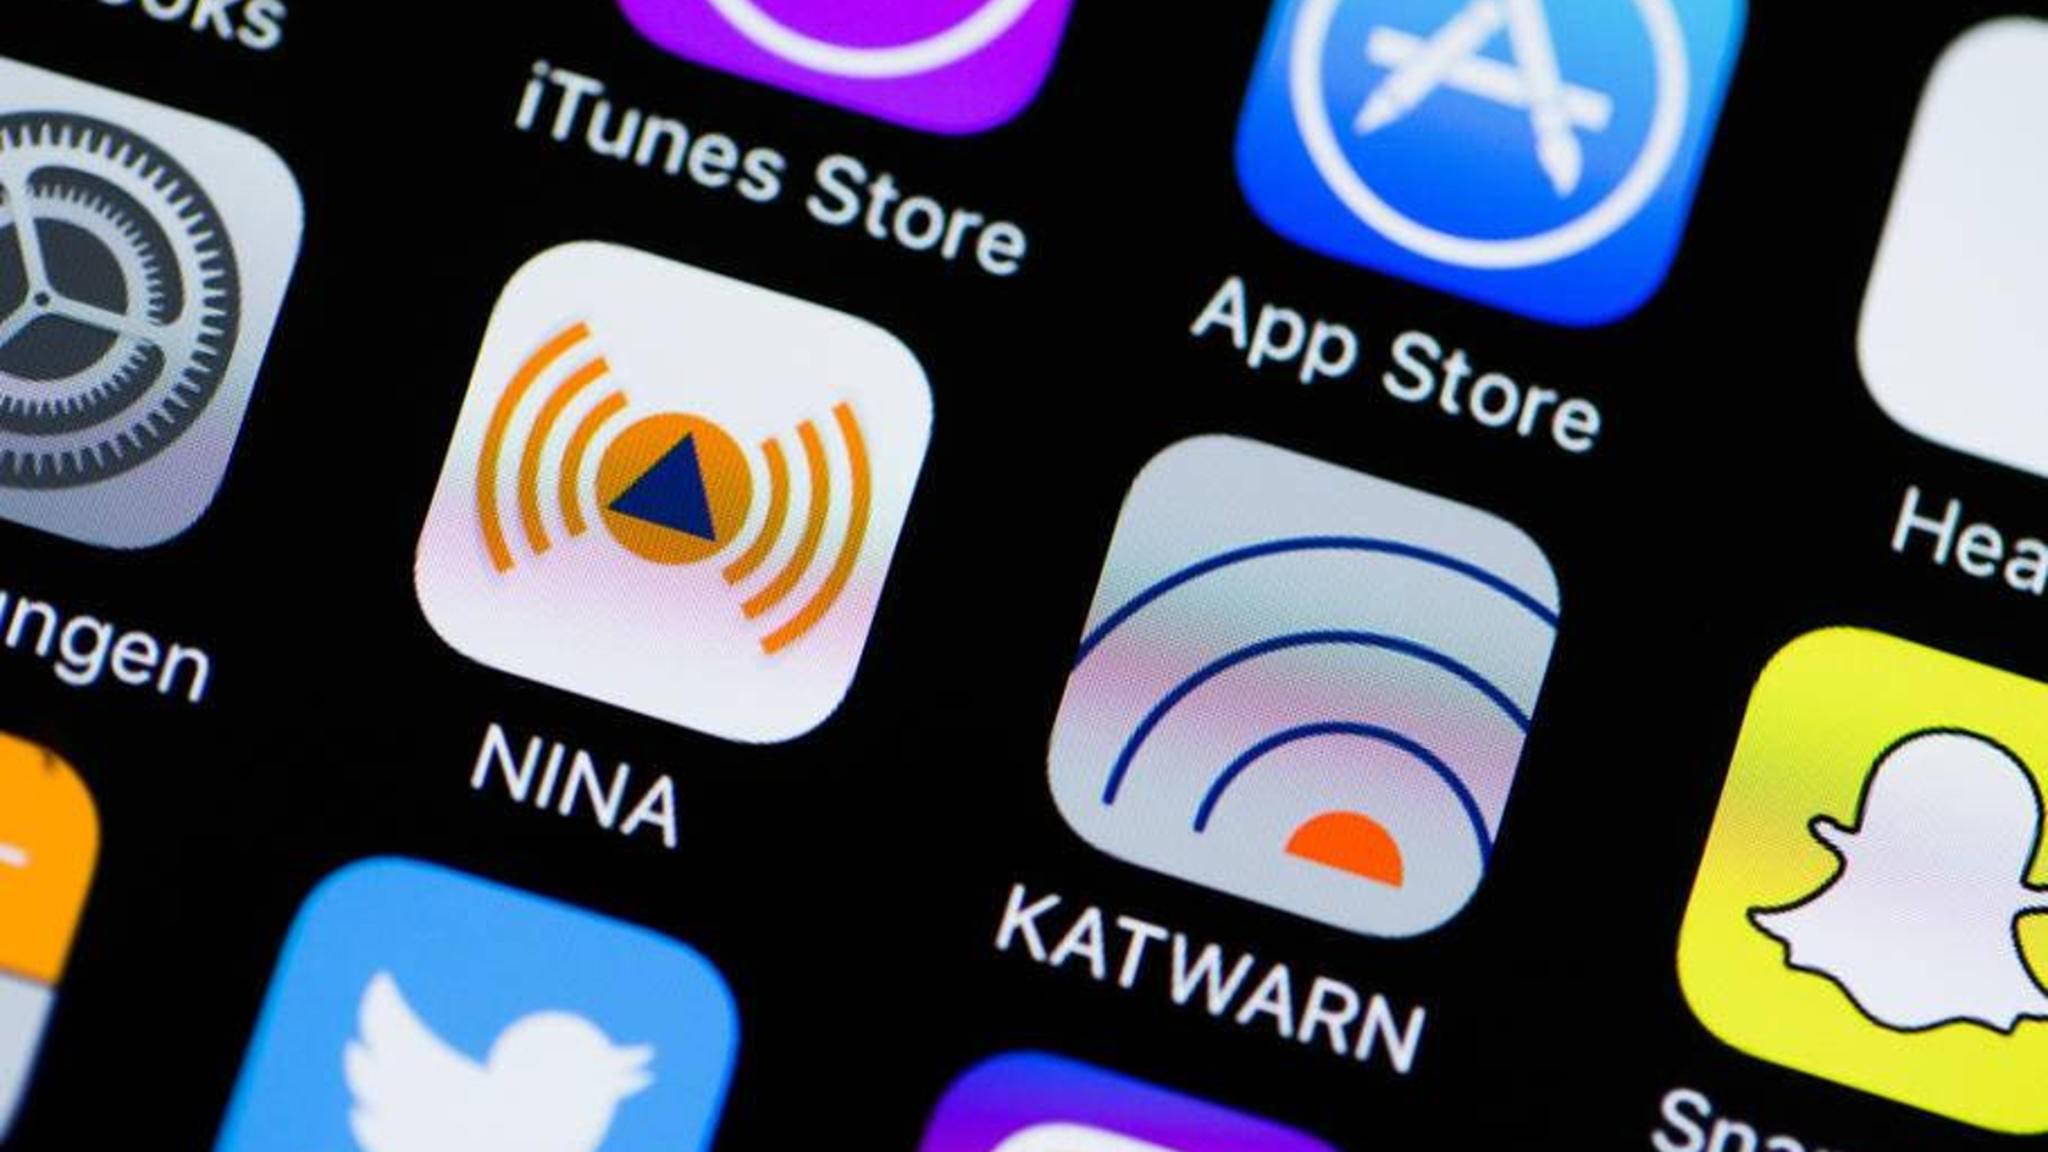 NINA und Katwarn sind zwei unterschiedliche Warn-Apps.